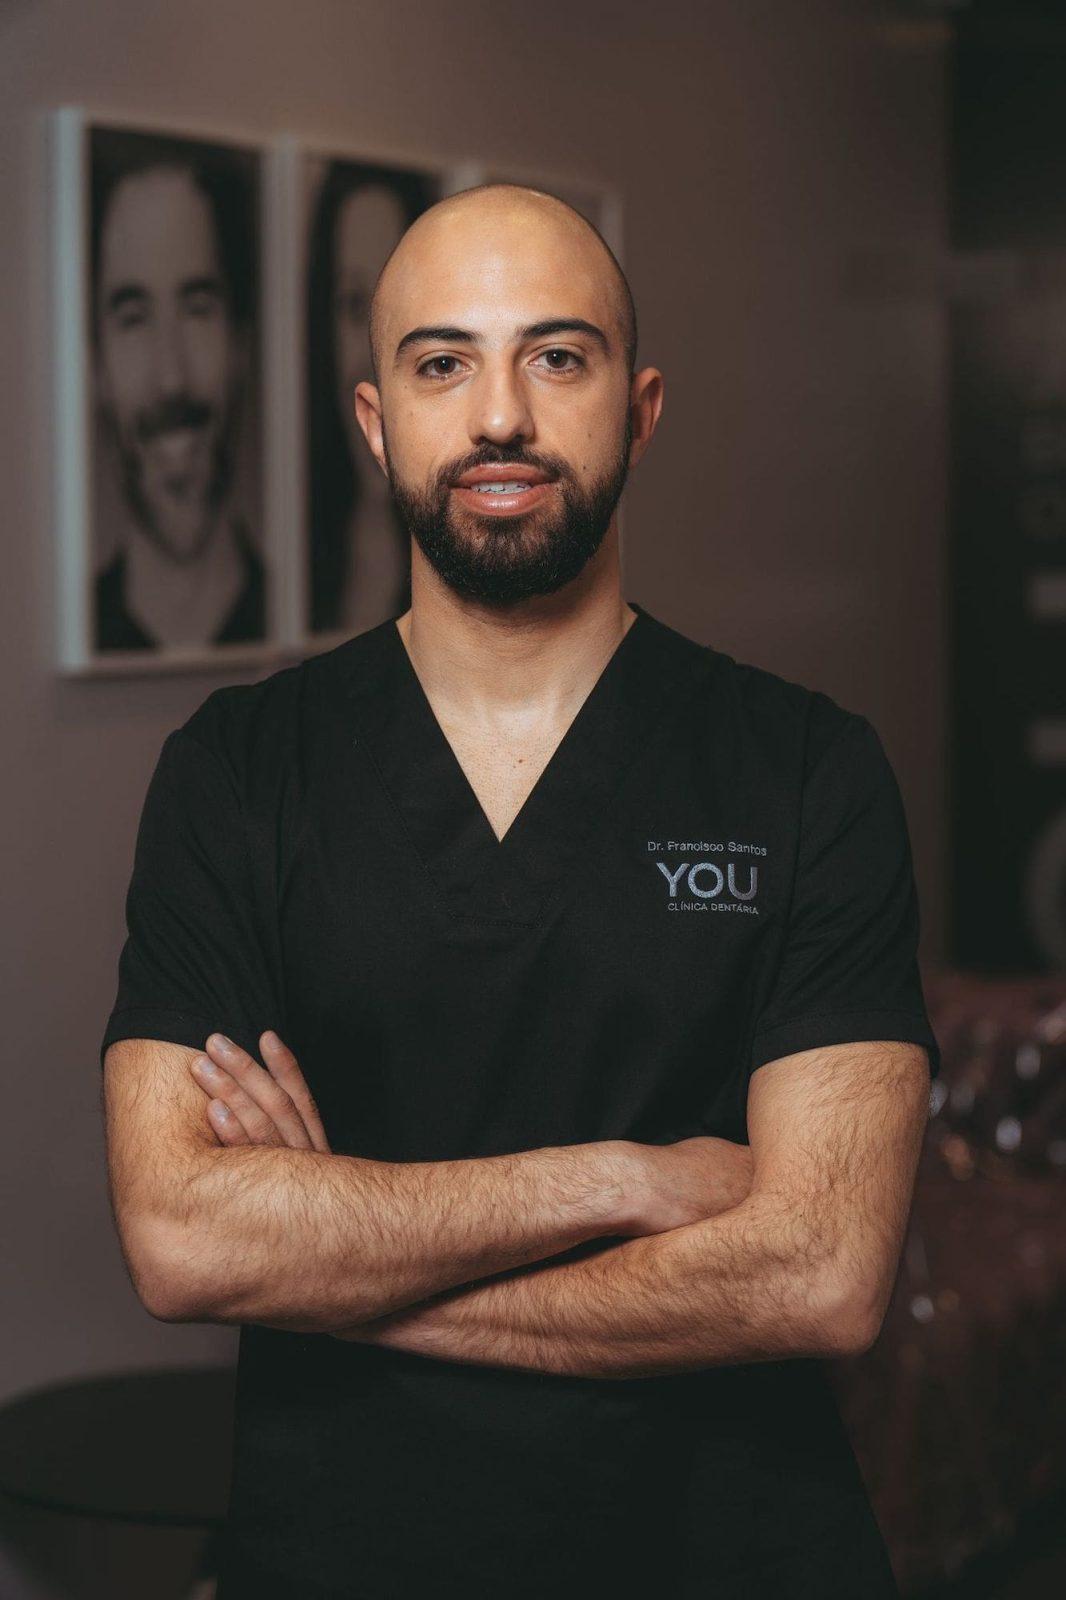 Dr. Francisco Santos